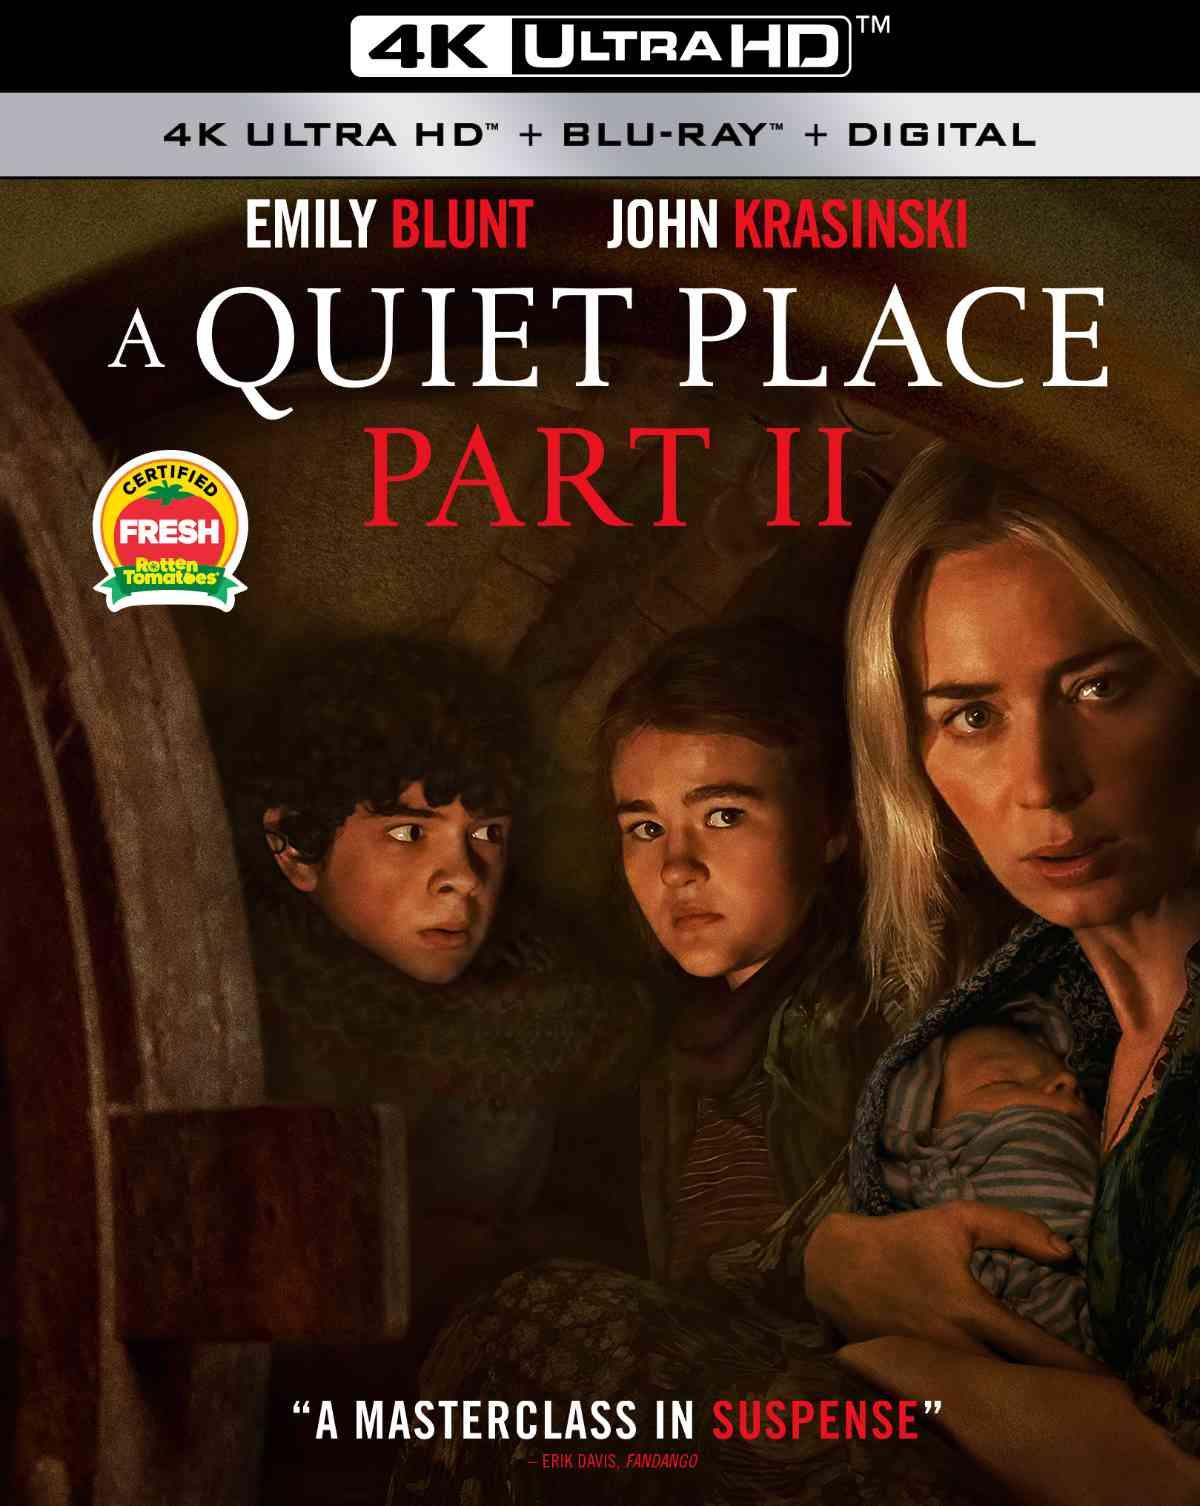 A Quiet Place Part II 4K